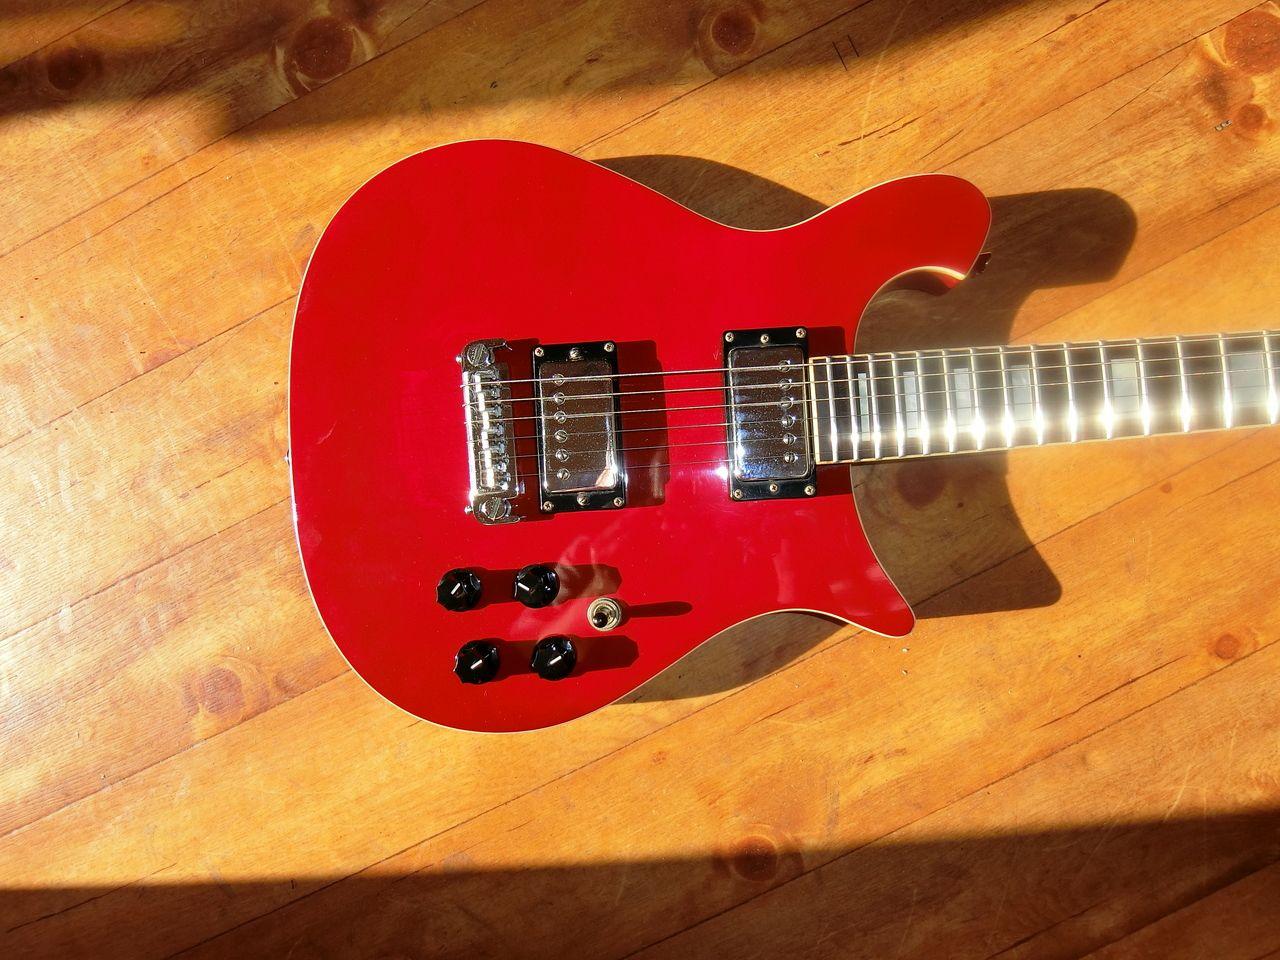 (この記事のブログ№3965)森高千里のシグネーチャーギターを買ってしまいました。BILLLAWRENCE/MB-68ChisatoMoritakaSignatureModel!!「森高千里」/90年代の伝説のアイドル、今も活躍ていますね!1995年頃に…